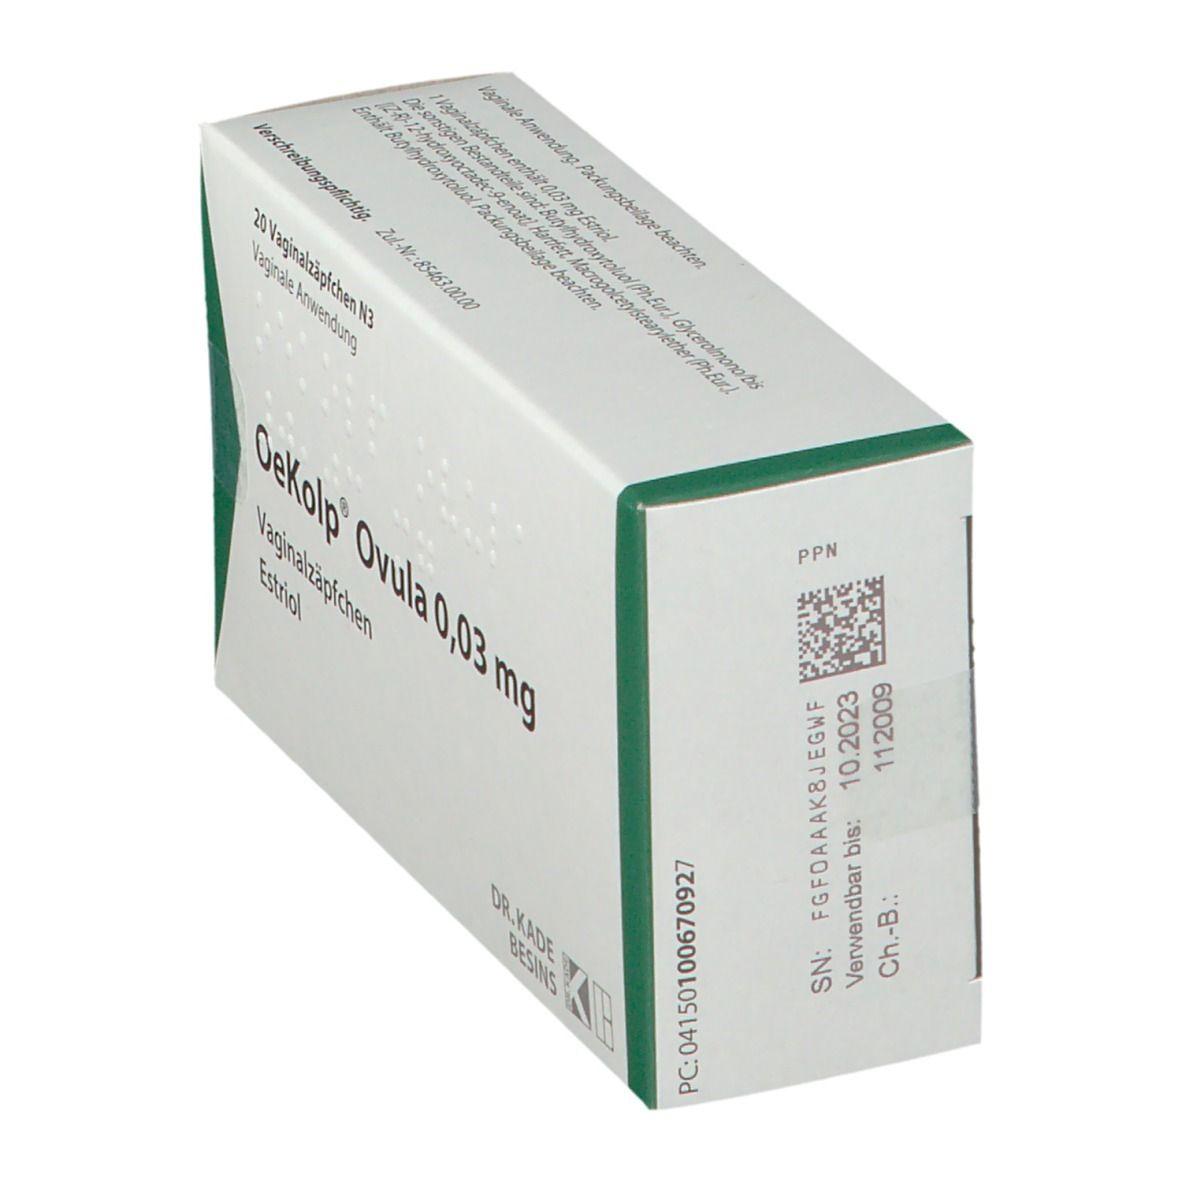 Nebenwirkungen oekolp ovula Estriol